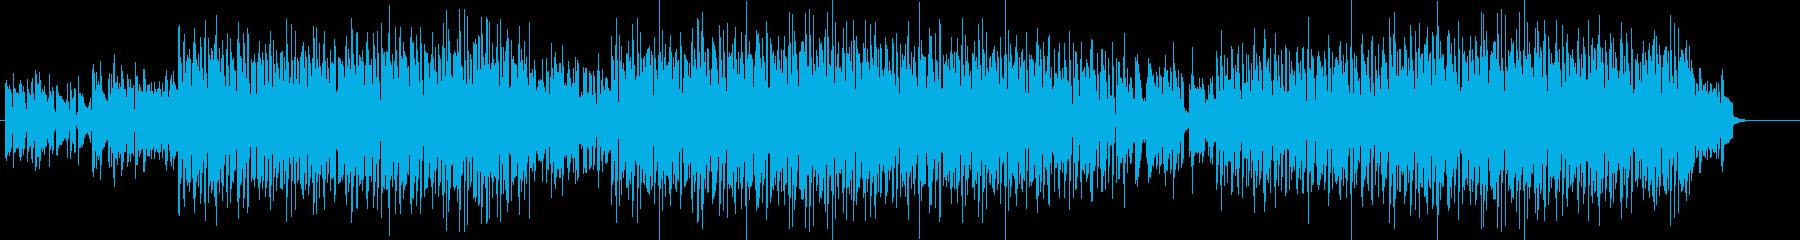 ラウンジBGMの再生済みの波形